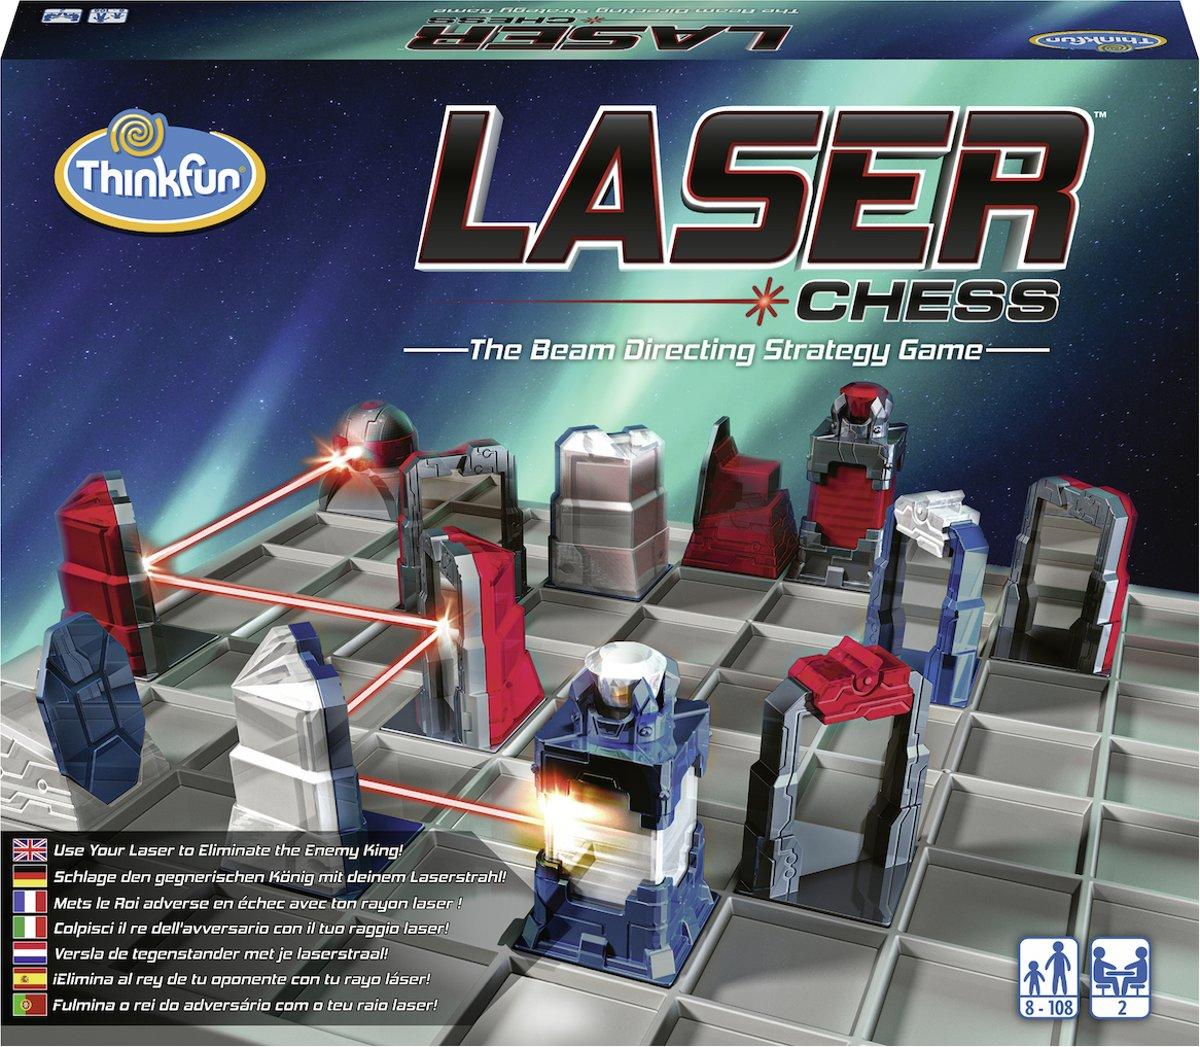 Thinkfun Laser Chess kopen